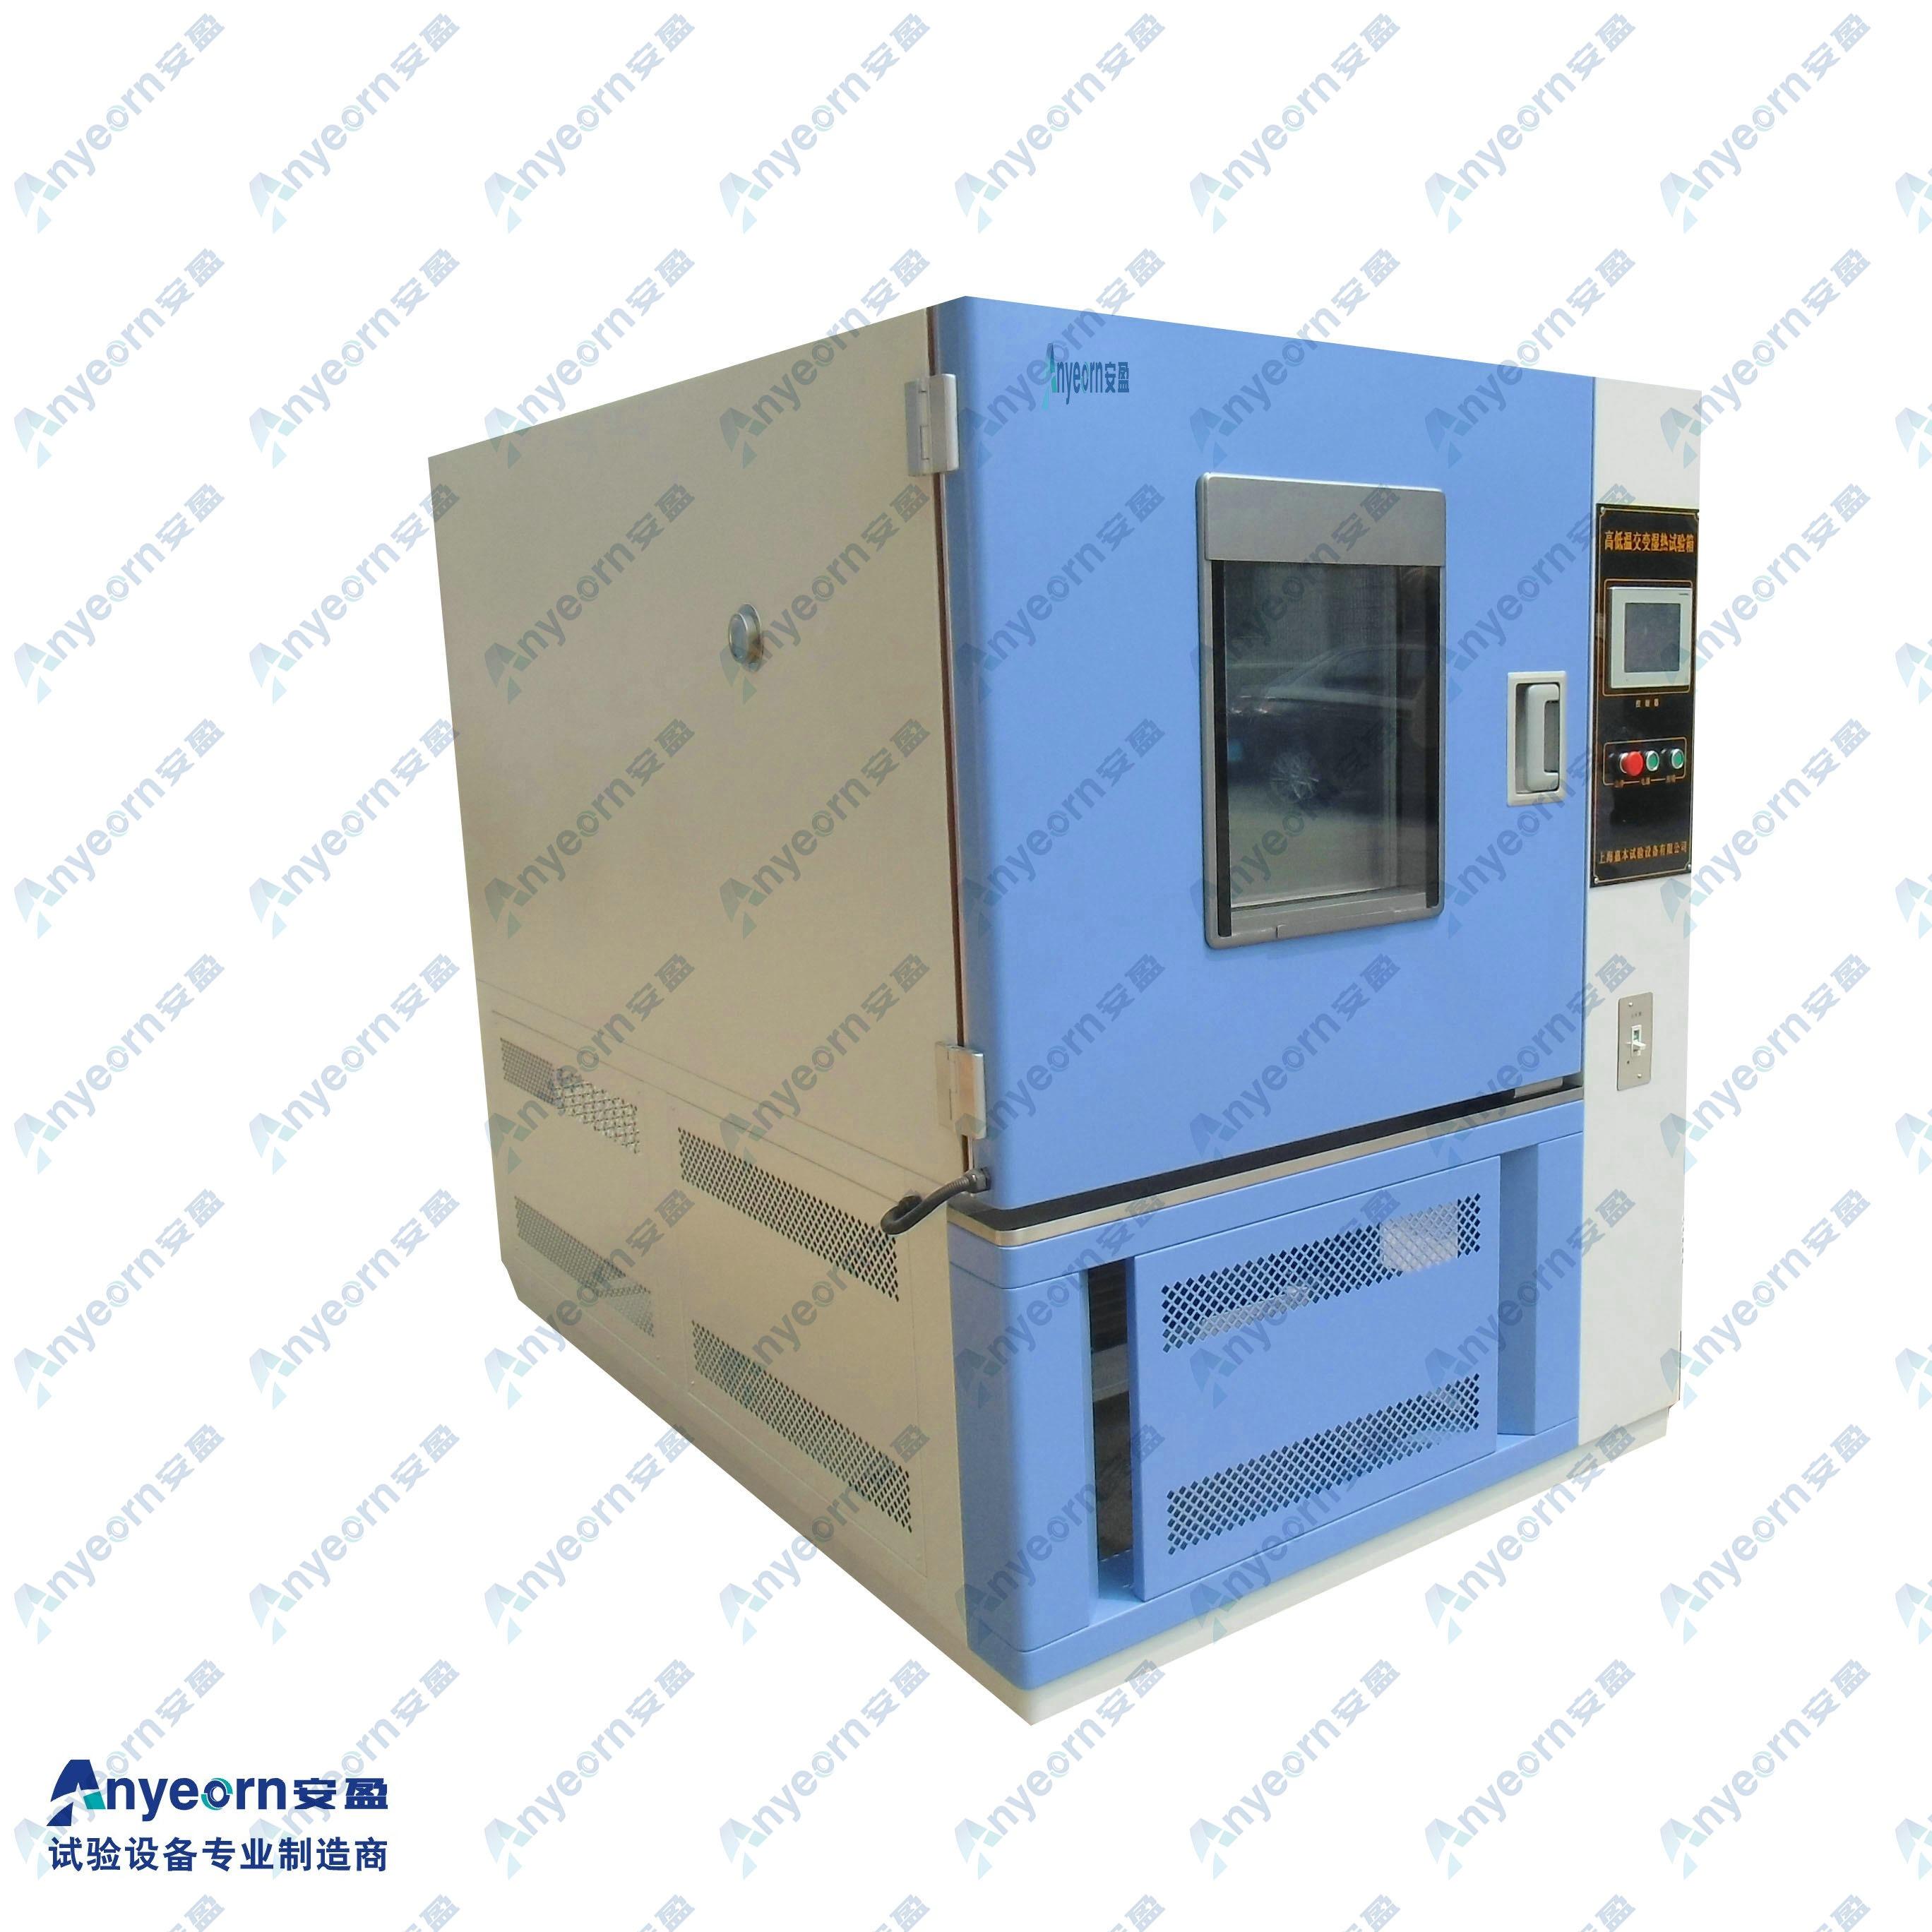 安盈恒温恒湿试验箱  AY-HWS系列HS-150B-W恒温恒湿设备